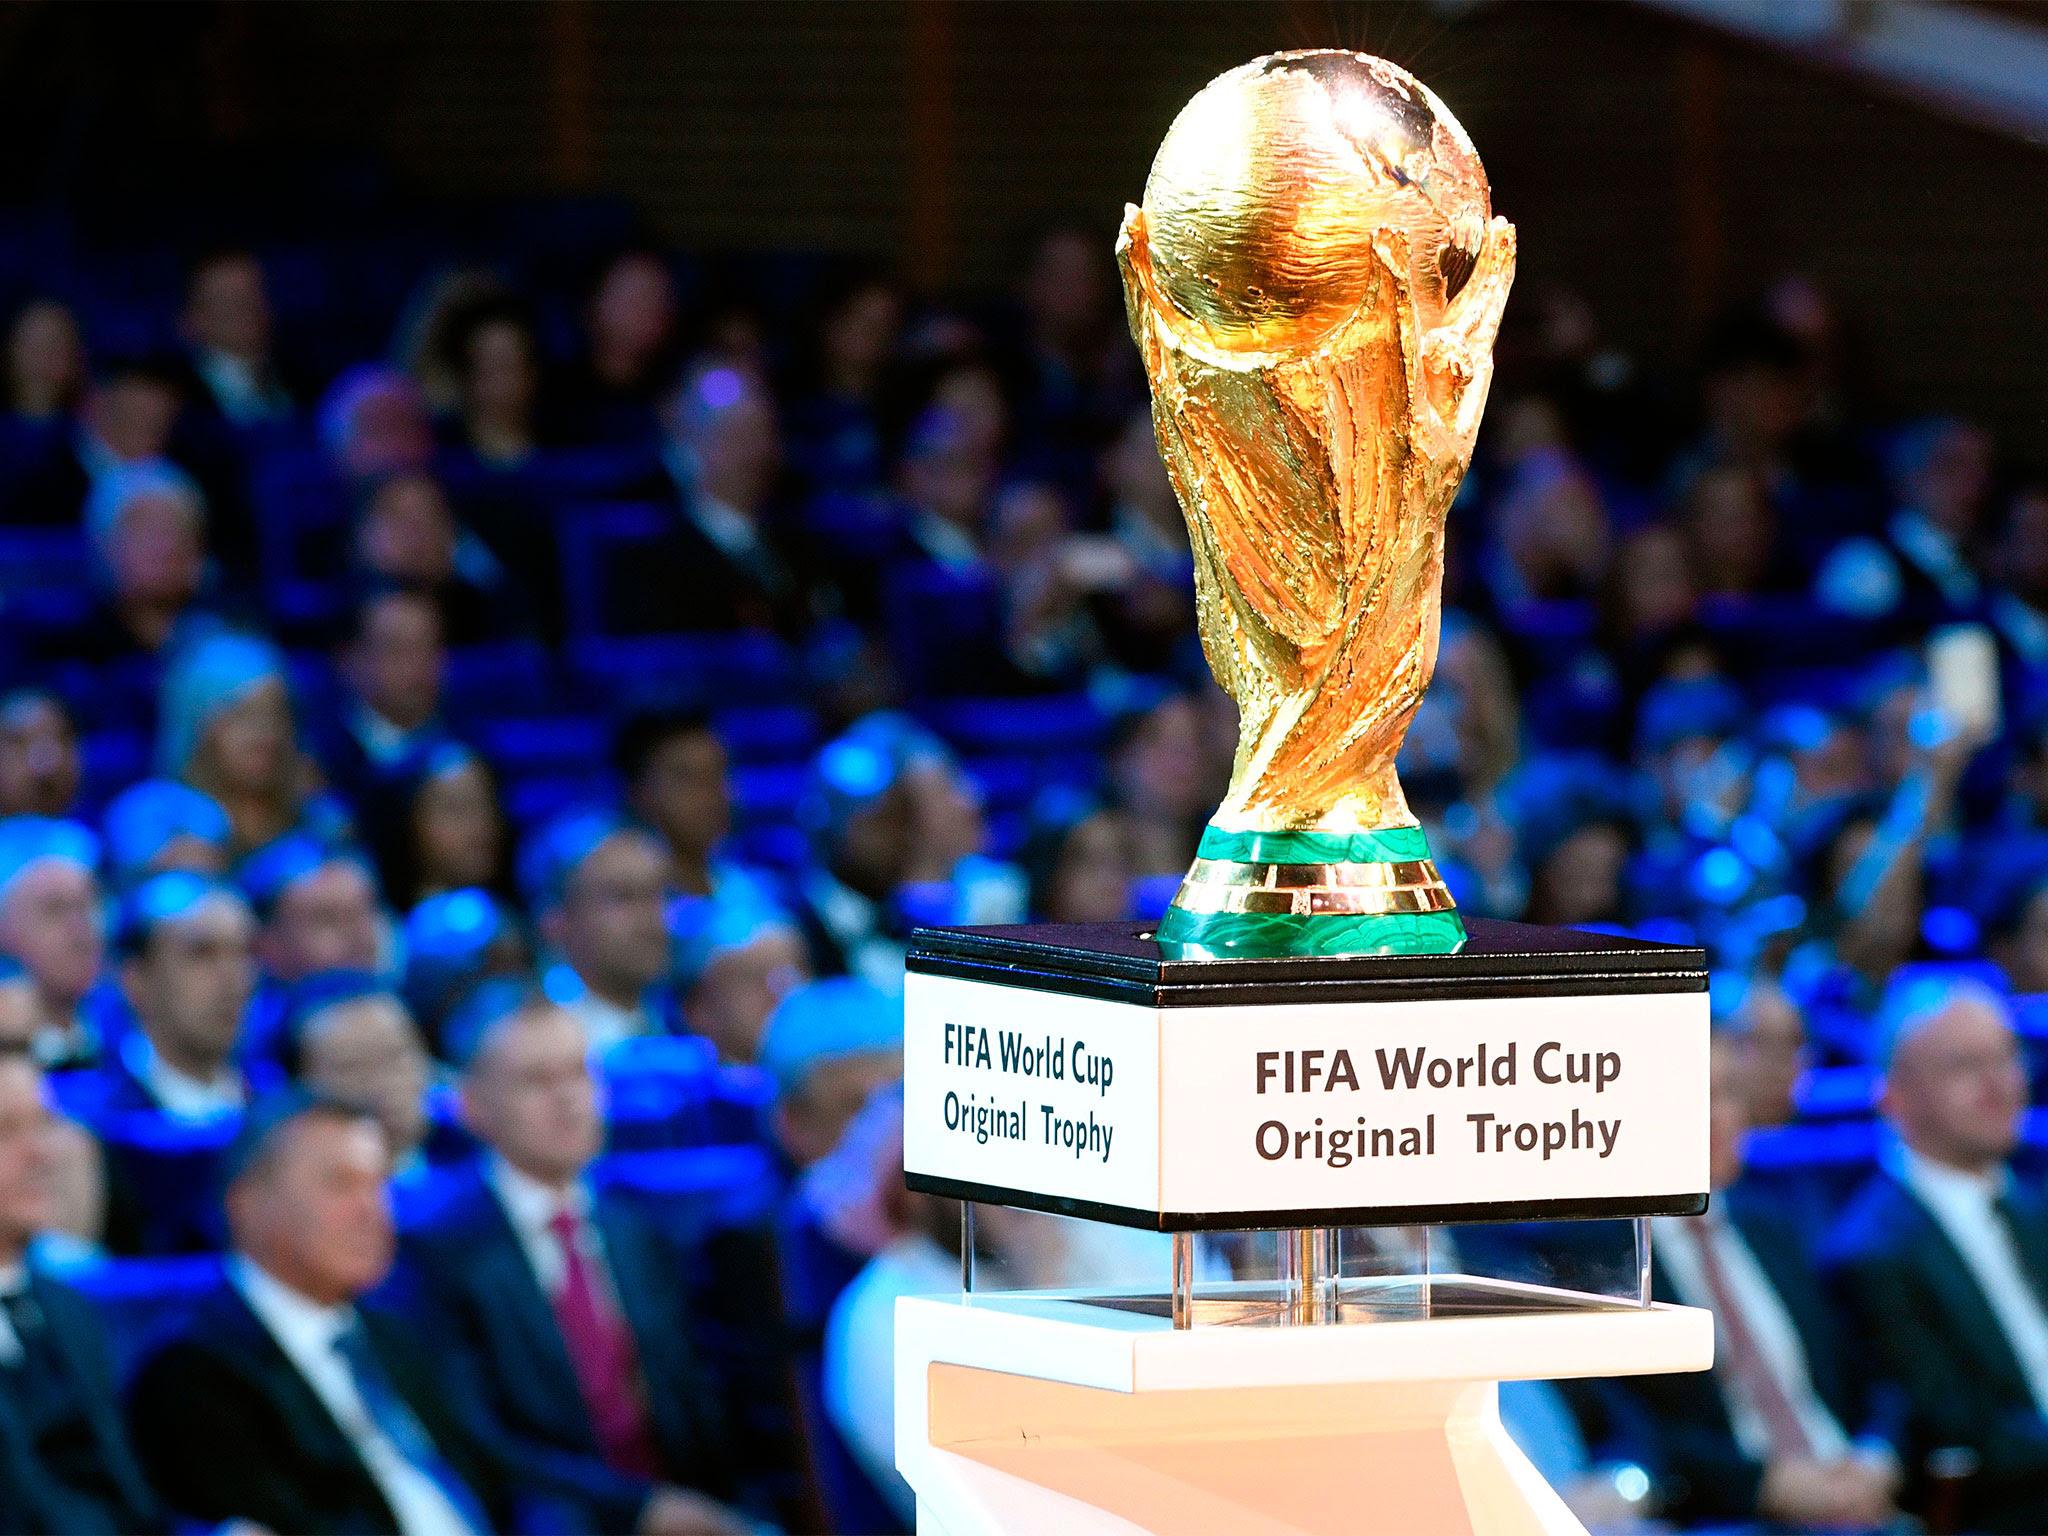 8- يتم نقش اسم الفريق الفائز بالبطولة في خلفية الكأس تبدوا غير مرئية إذا حمل الكأس من الأمام. ينقش اسم العبارة والسنة بلغة الفائز.